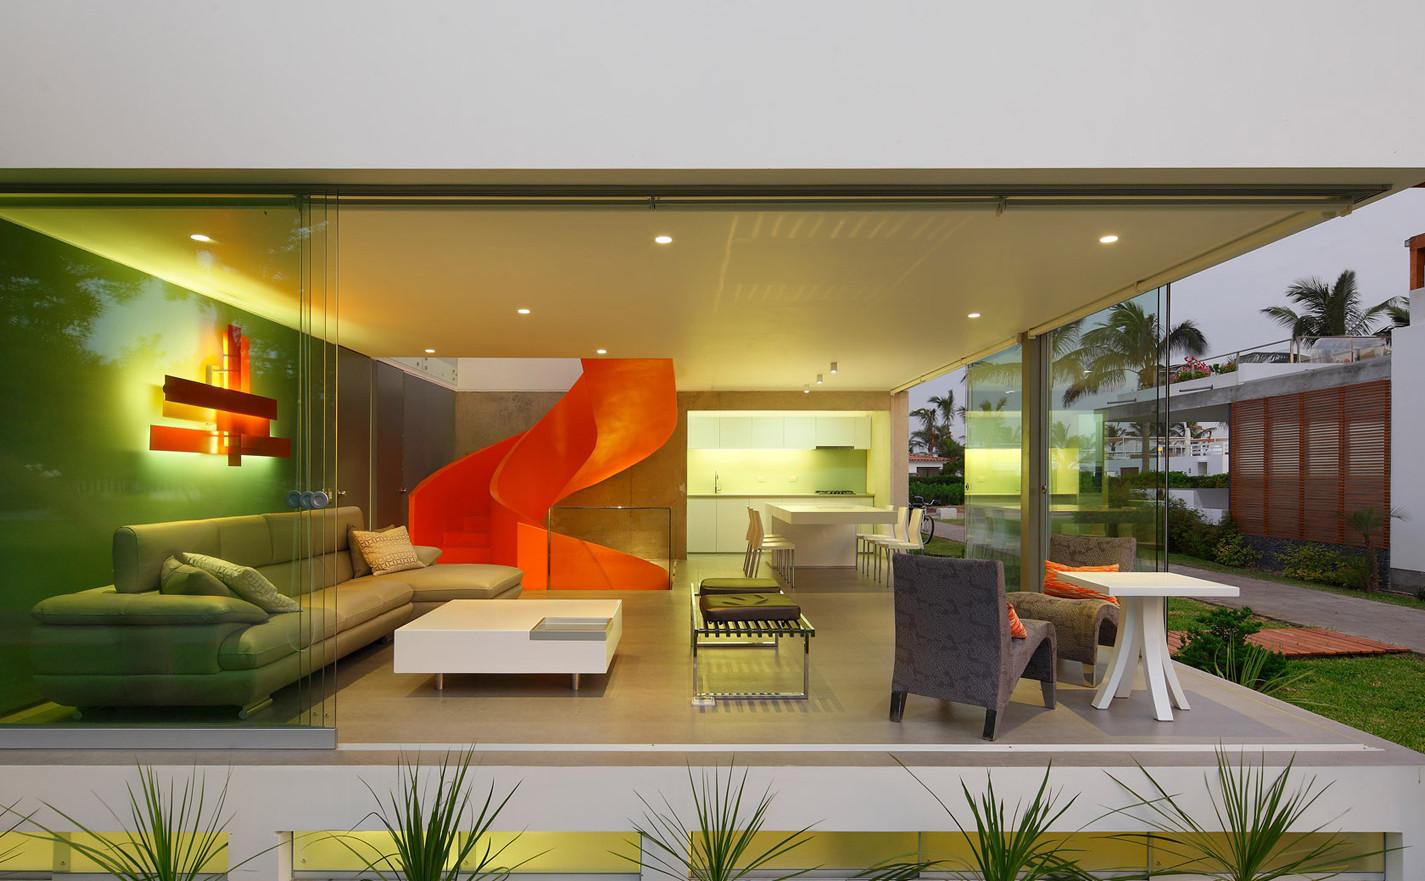 casa-blanca-house-martin-dulanto-sangalli-residential-architecture-lima-peru-orange-staircase-juan-solano_dezeen_1568_15